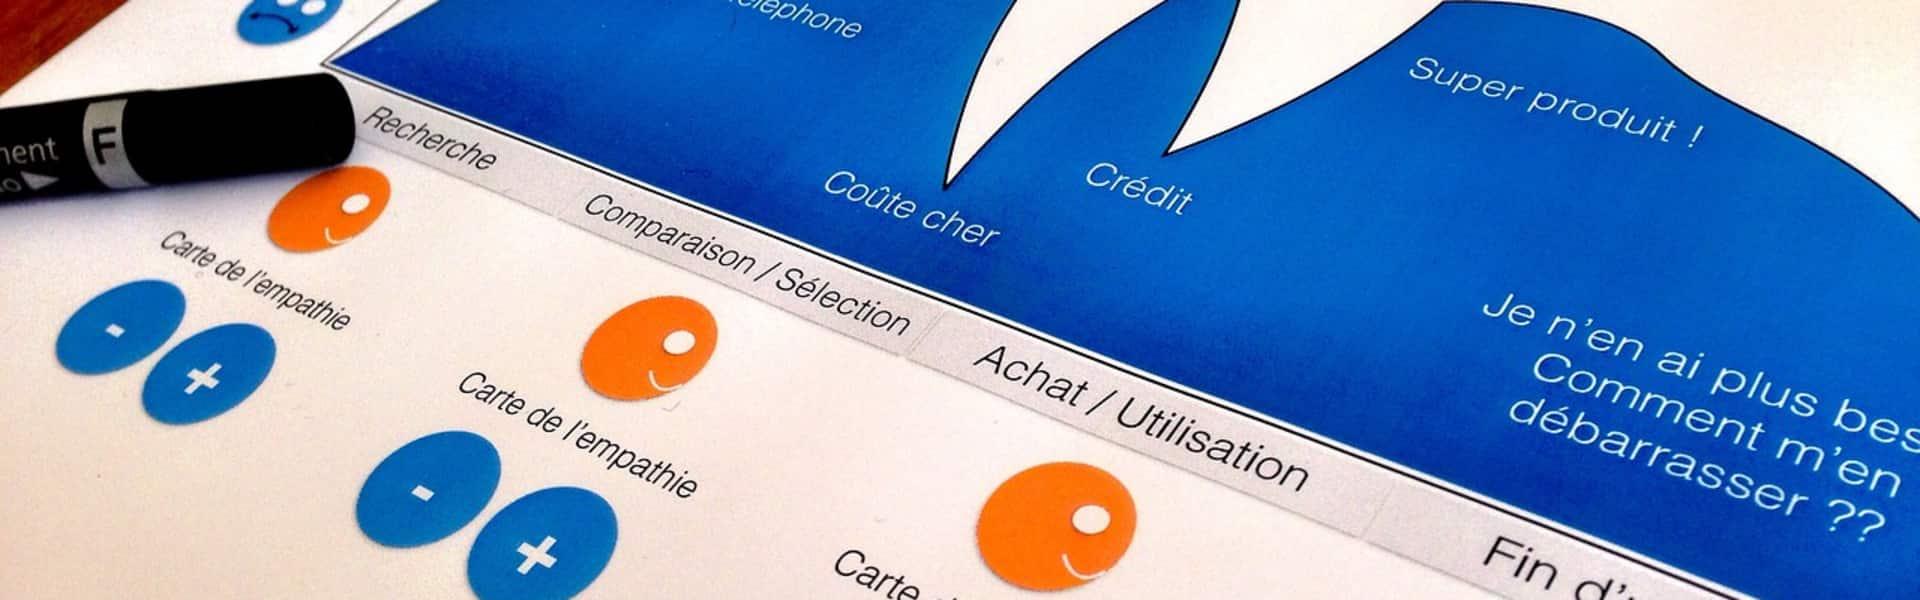 Toutes les astuces à mettre en œuvre pour une meilleure gestion de base de données clients